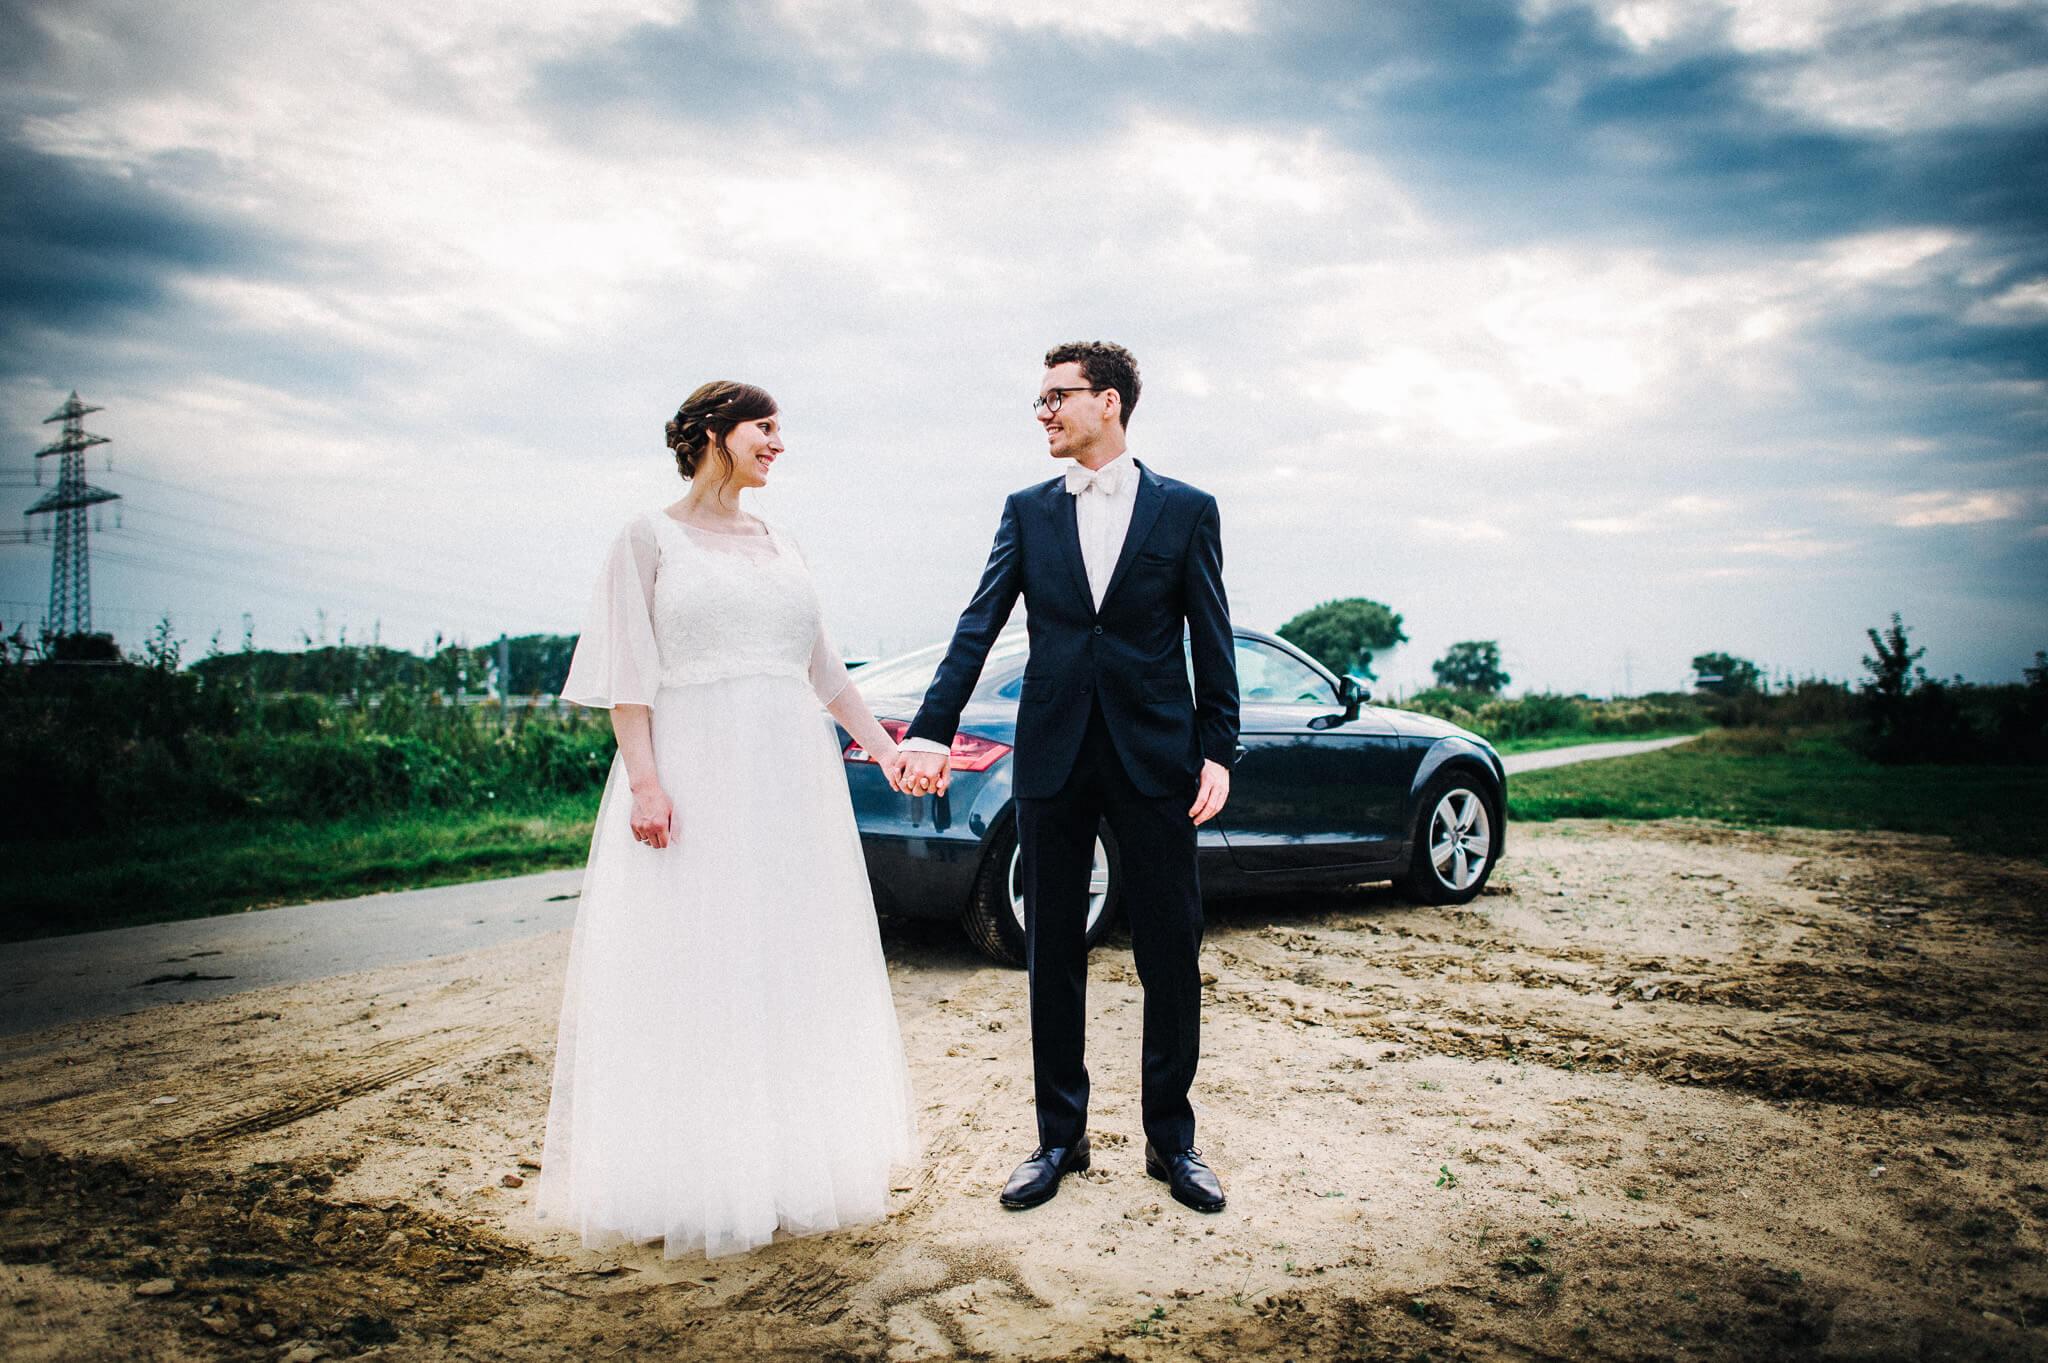 Brautpaar mit Audi TT auf einem Feld